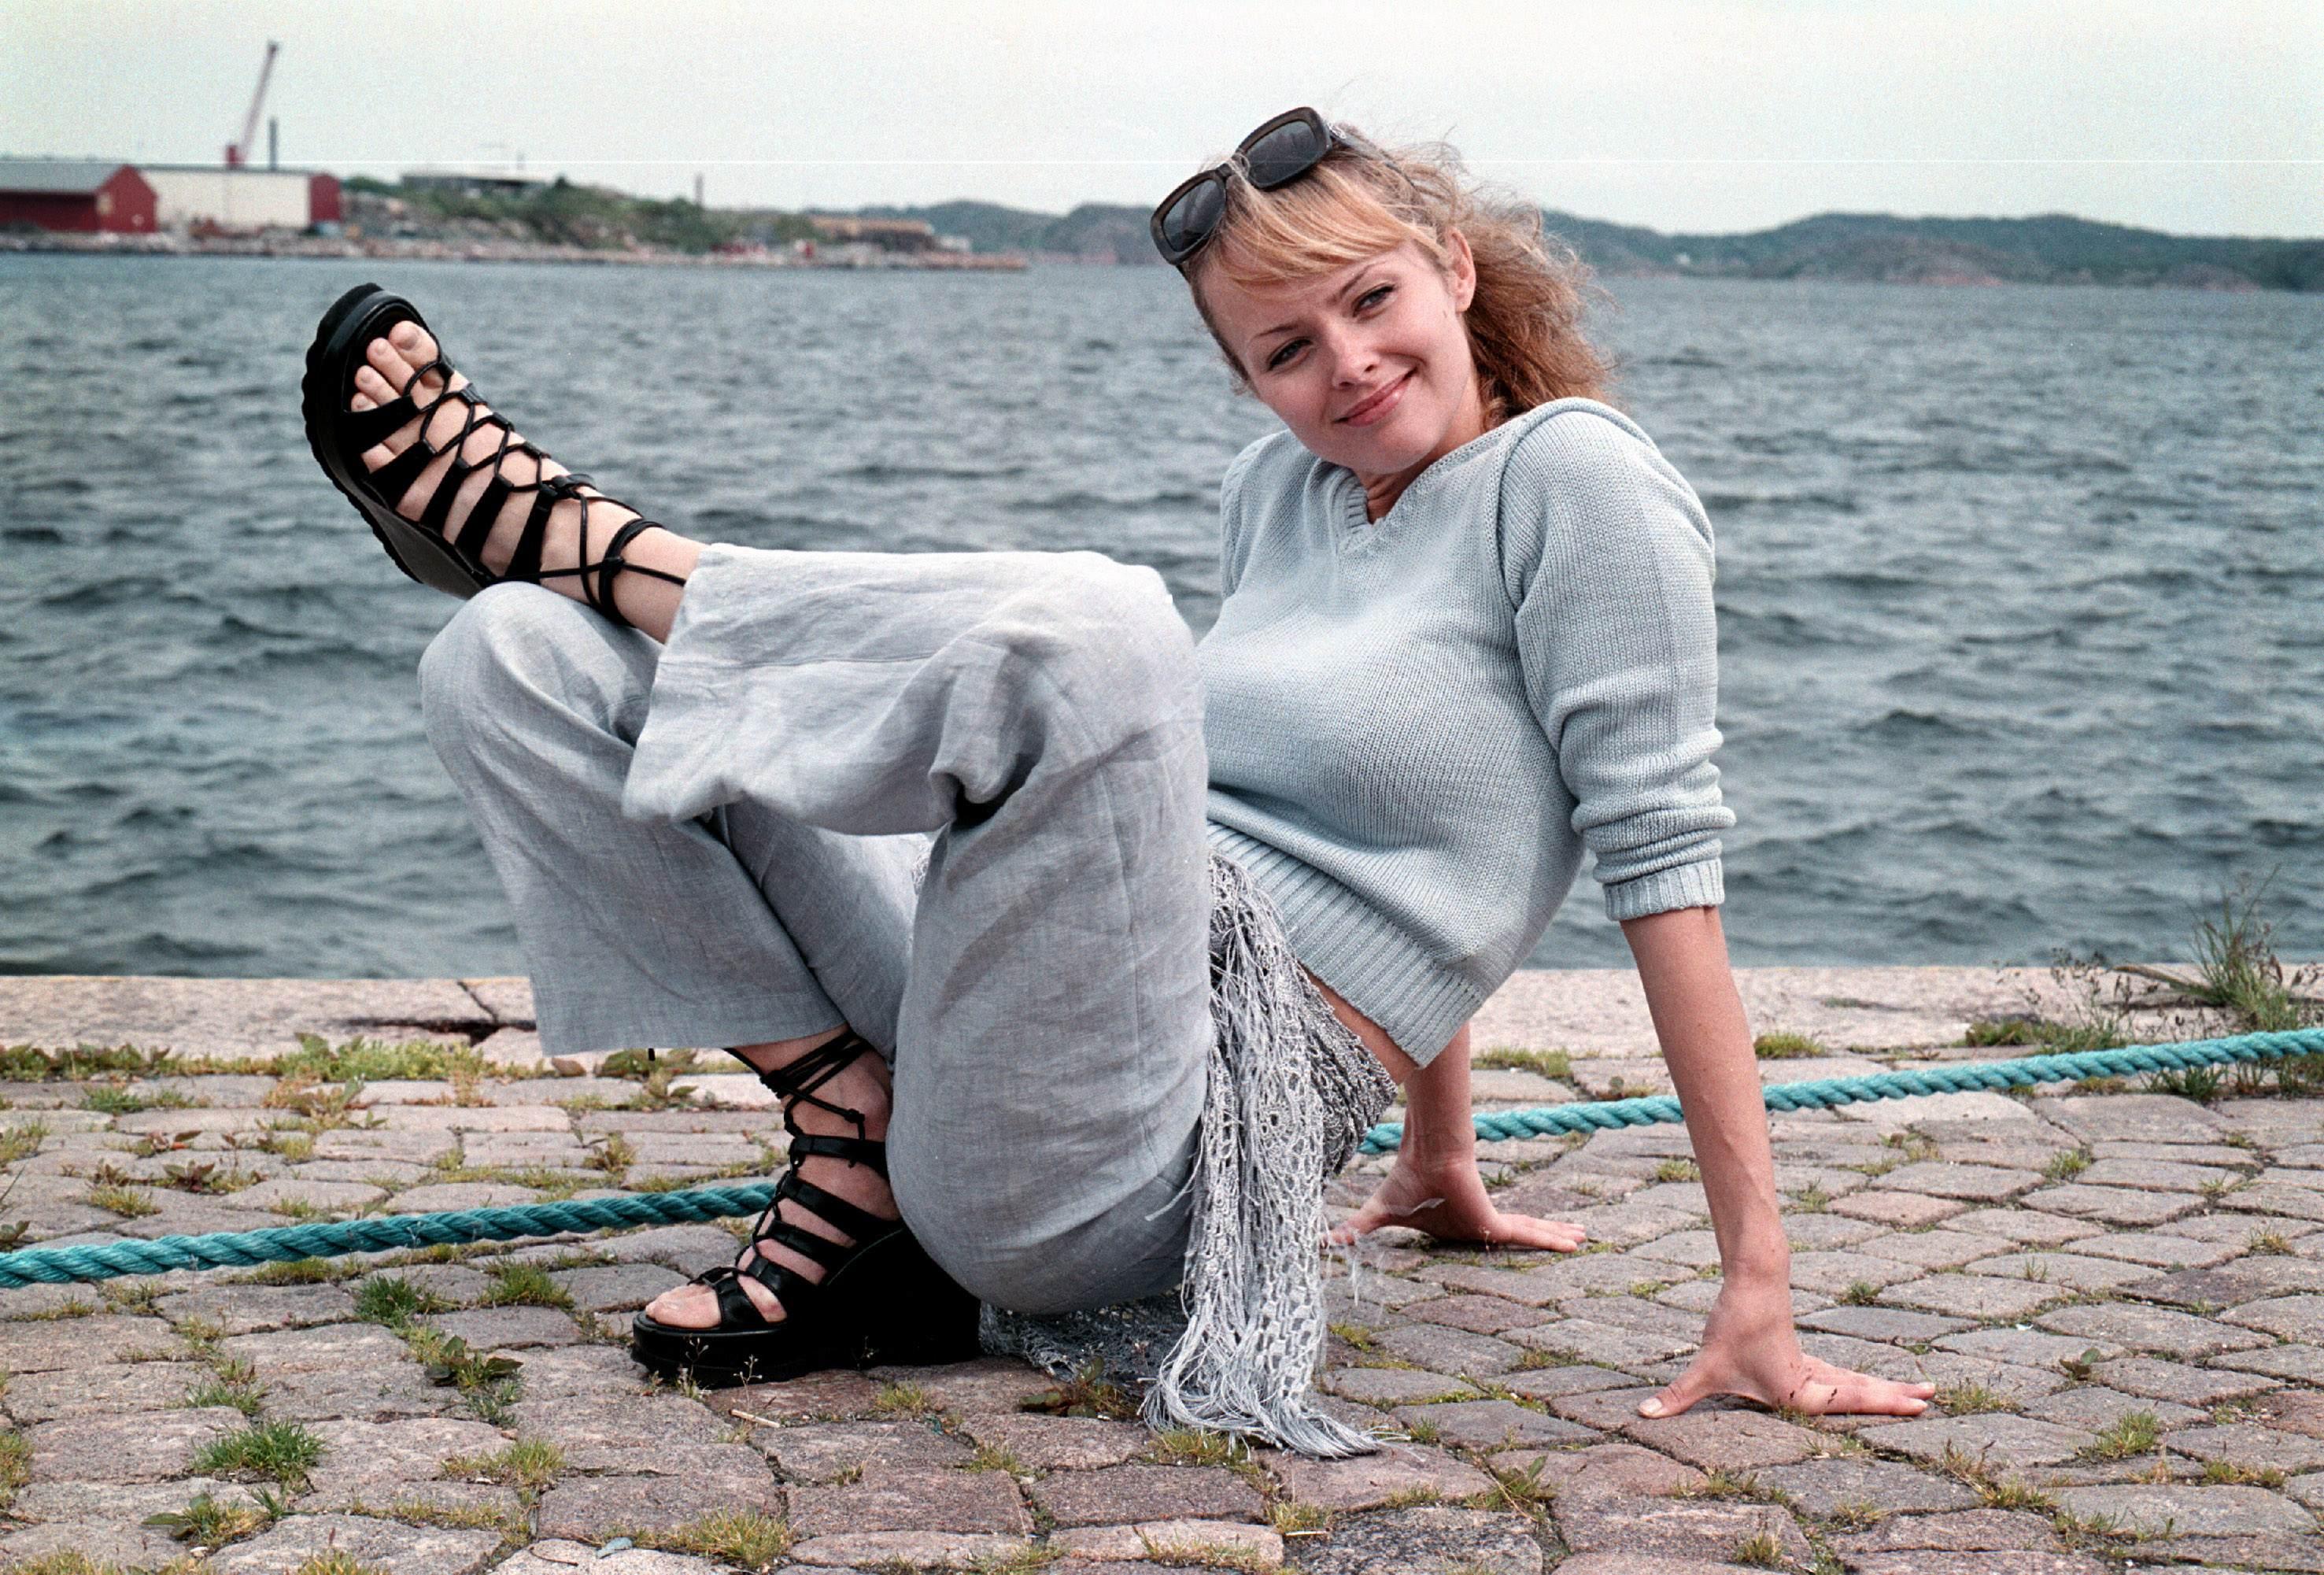 Feet Izabella Scorupco nude photos 2019